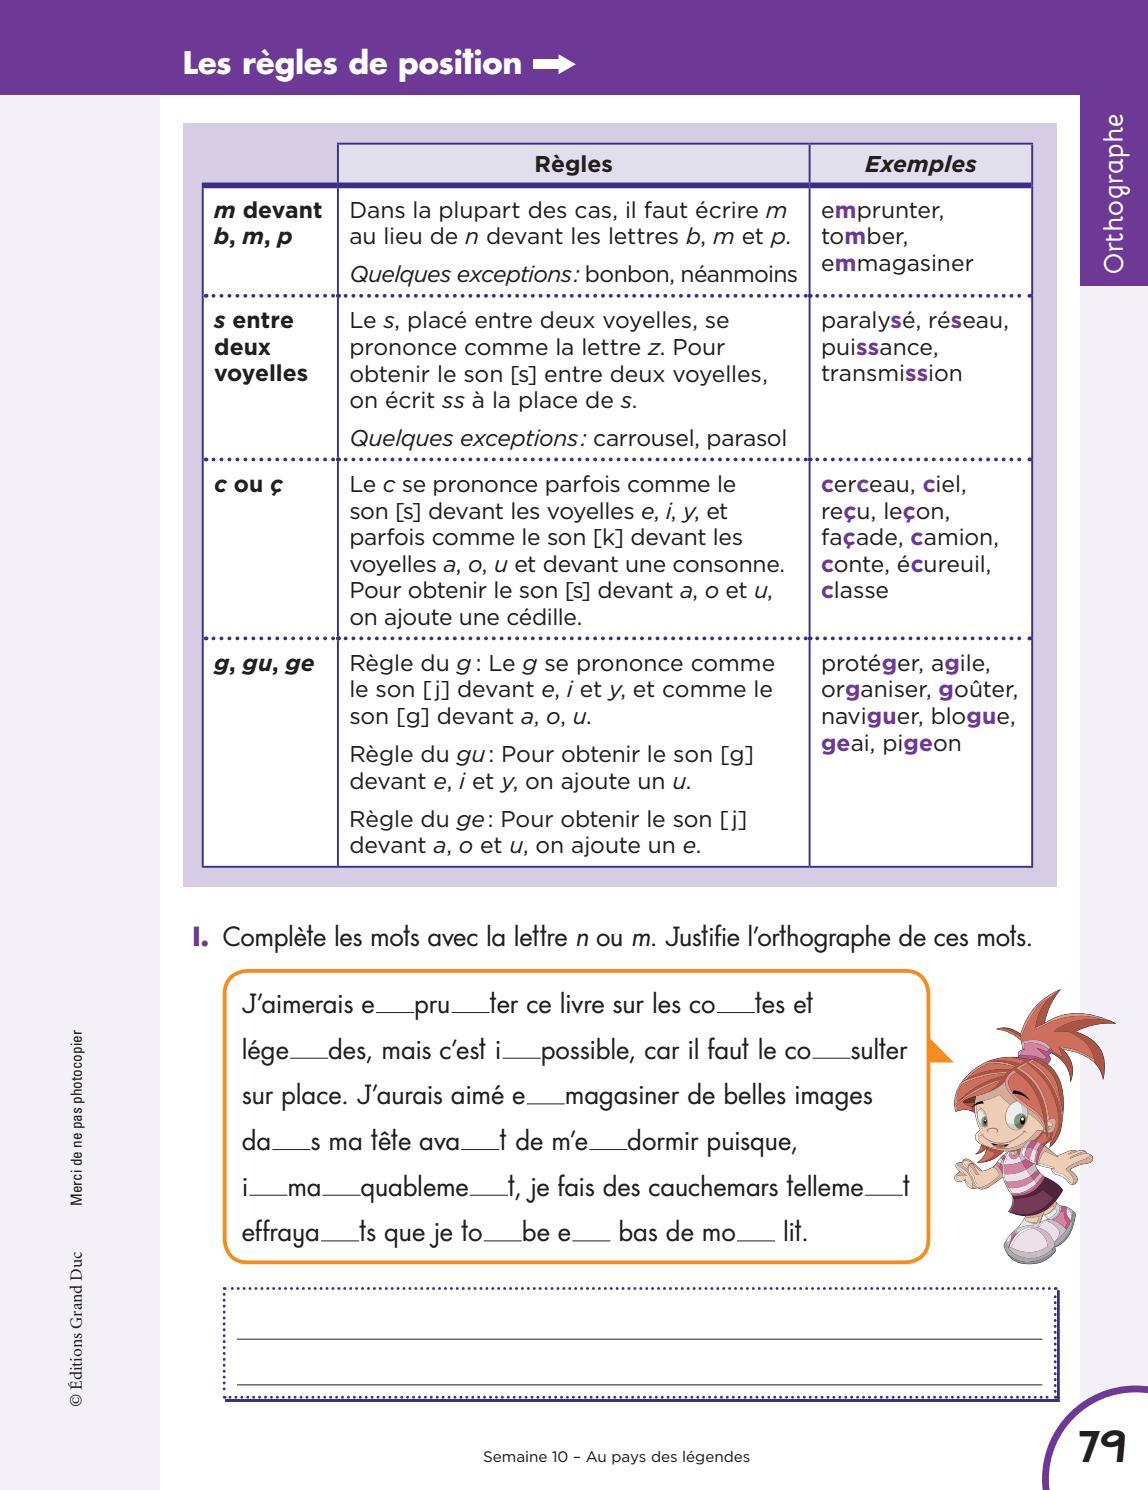 Mot Avec K Et O : Charade, Volume, Année, Vebuka.com